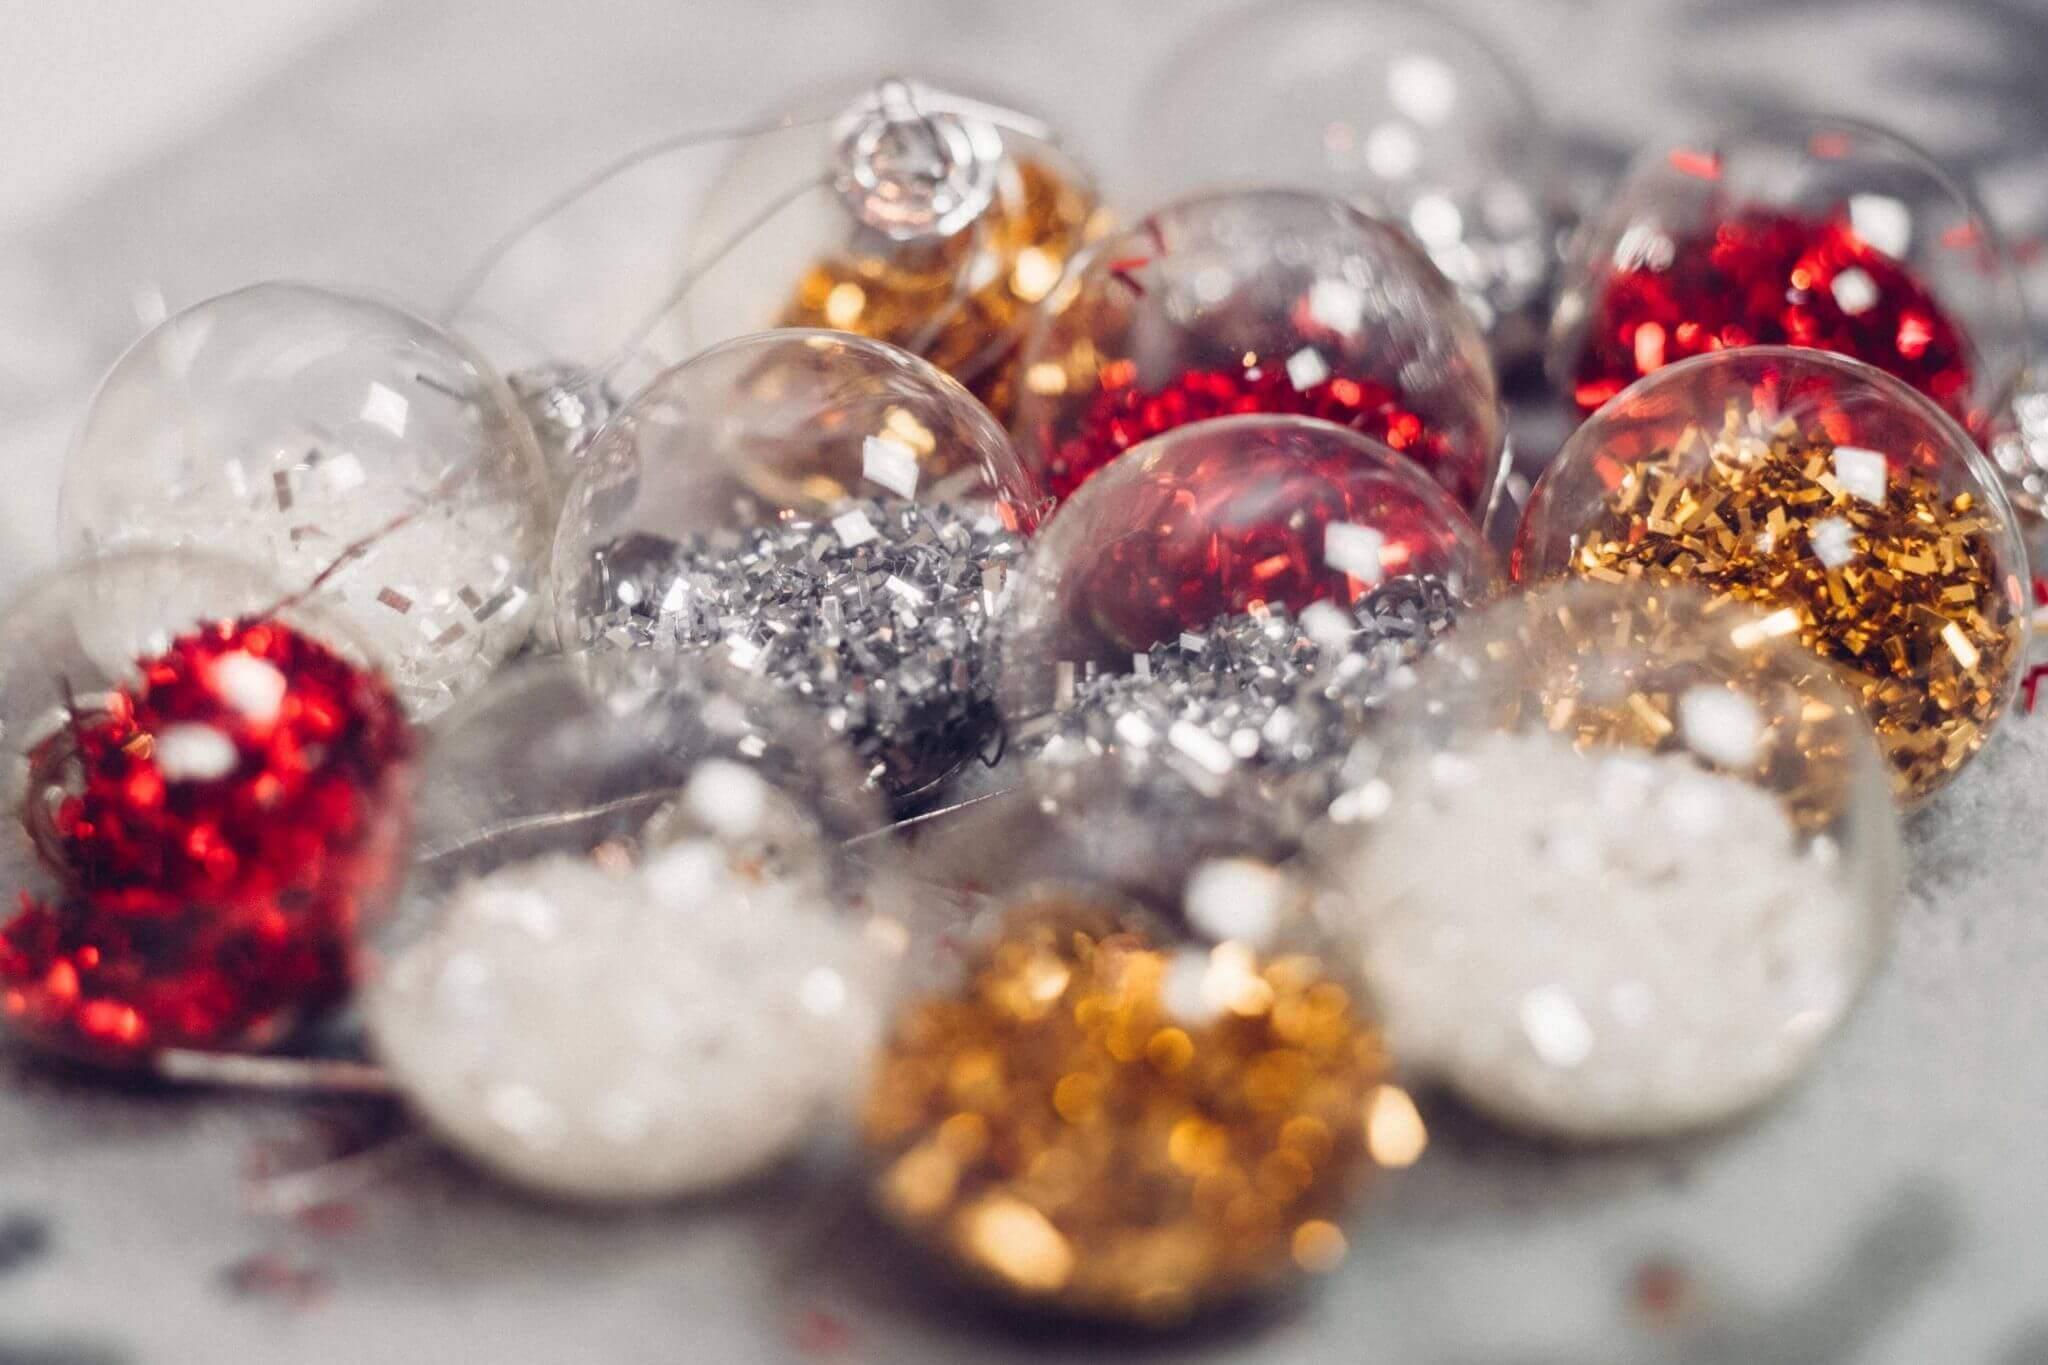 freestocks org 487547 unsplash - Es ist Zeit für Schmuck und Deko - Weil Weihnachten ist